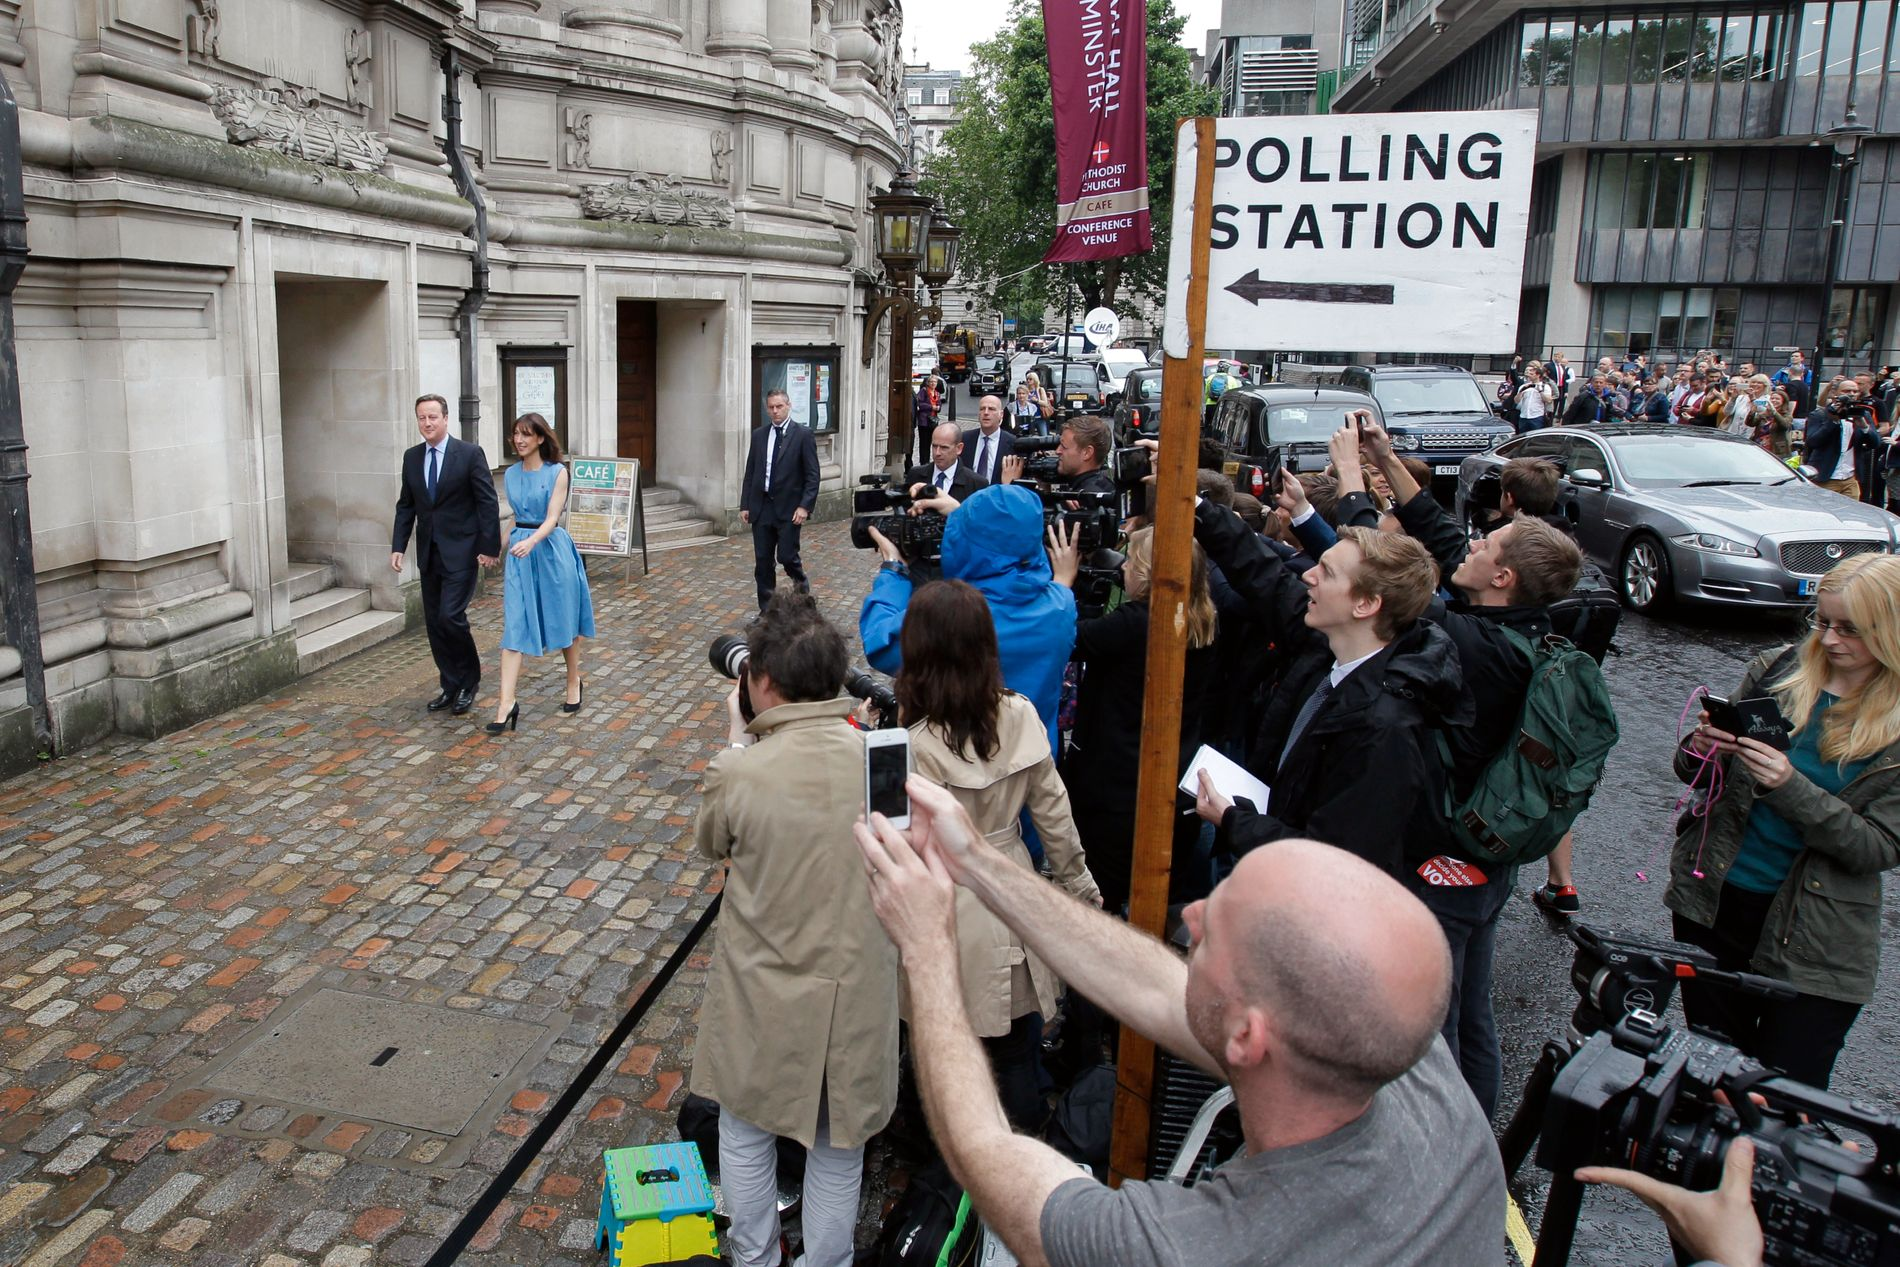 SKJEBNETIME: Mange var møtt opp for å se den britiske statsministeren David Cameron og hans kone Samantha komme til valglokale i London torsdag morgen.